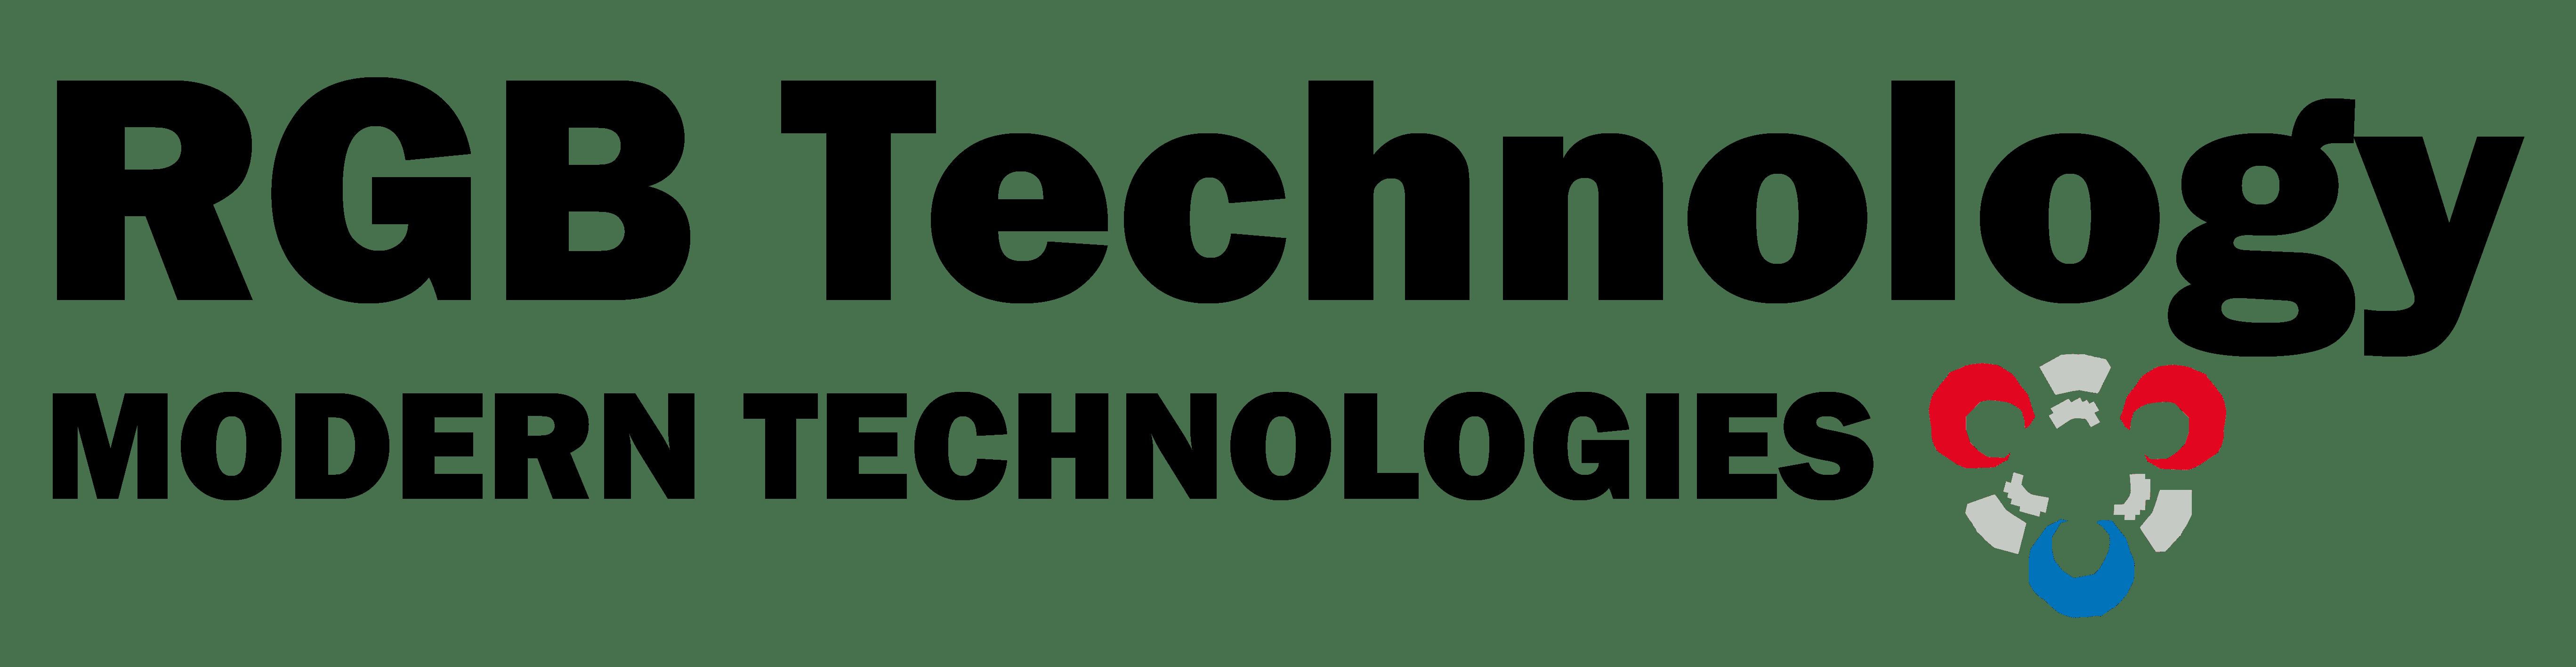 RGB NEW3-01